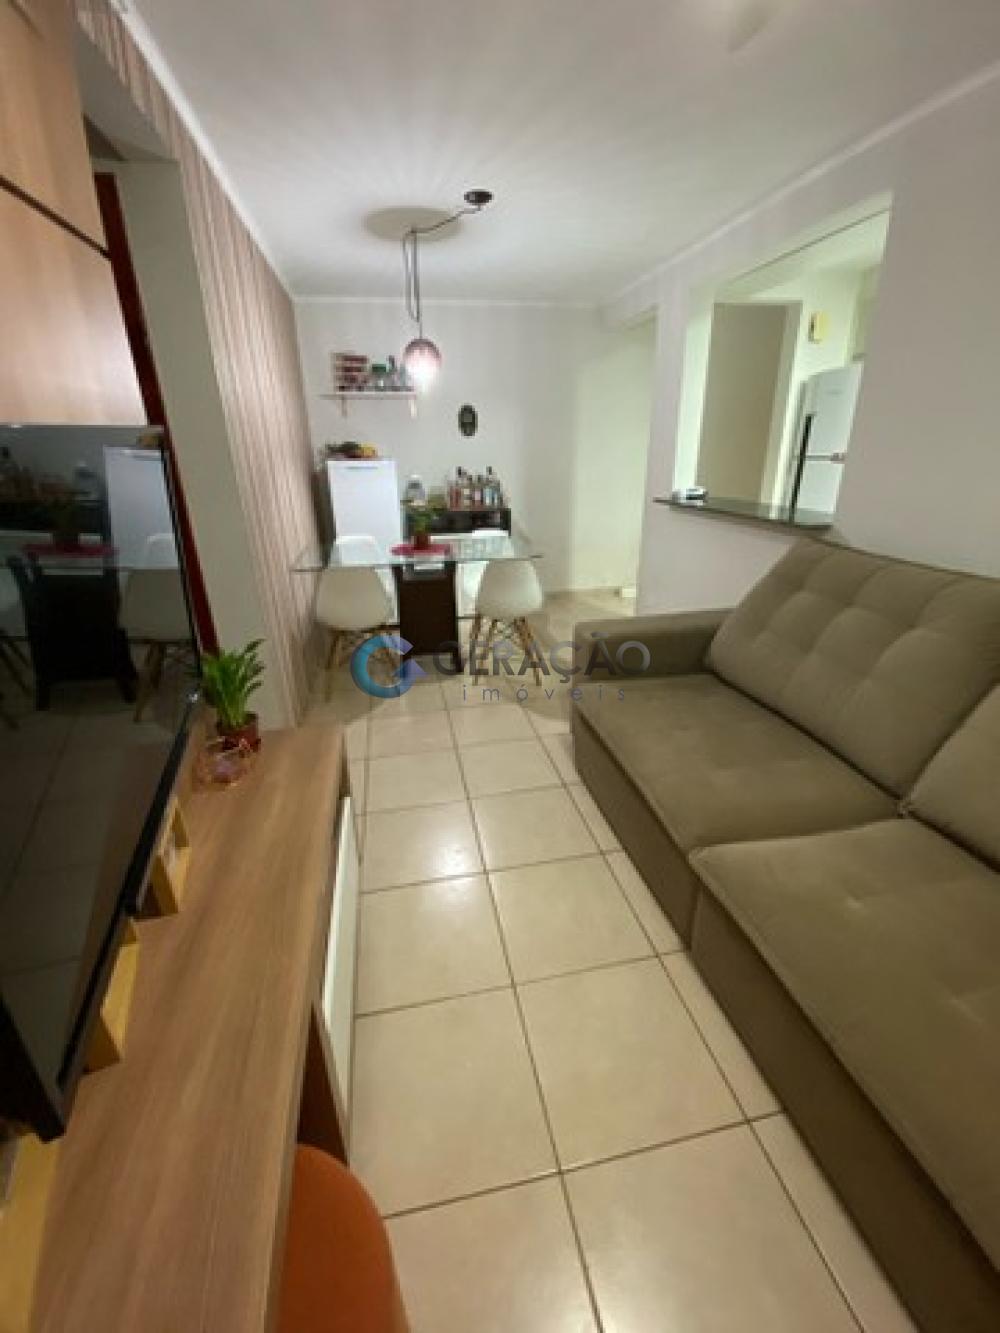 Comprar Apartamento / Padrão em São José dos Campos R$ 300.000,00 - Foto 5